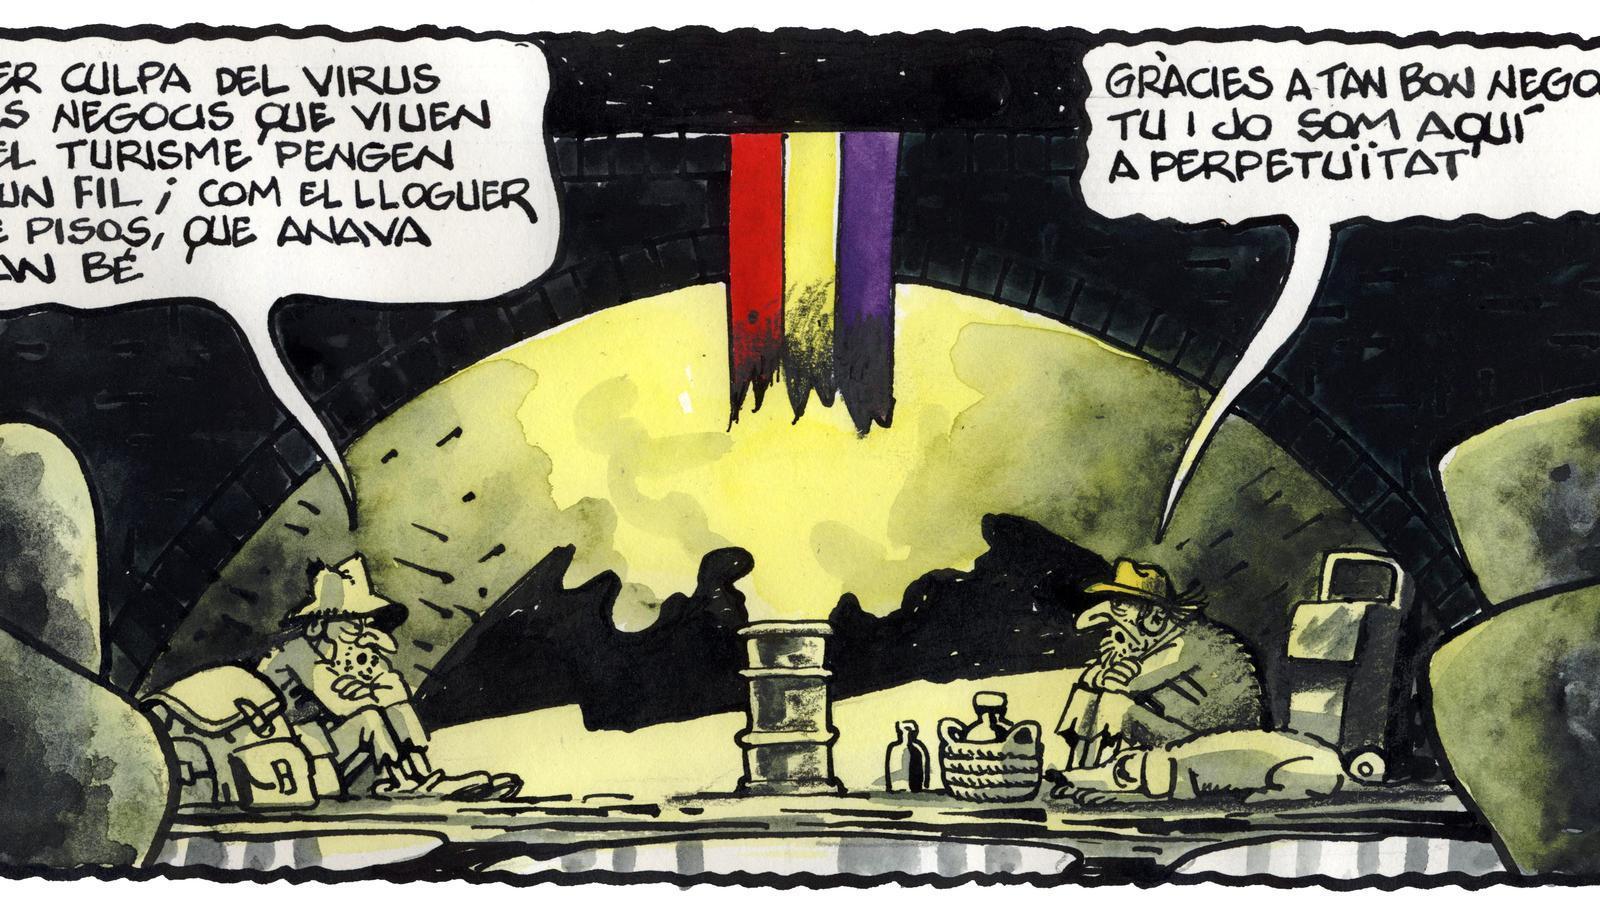 'A la contra', per Ferreres 03/08/2020